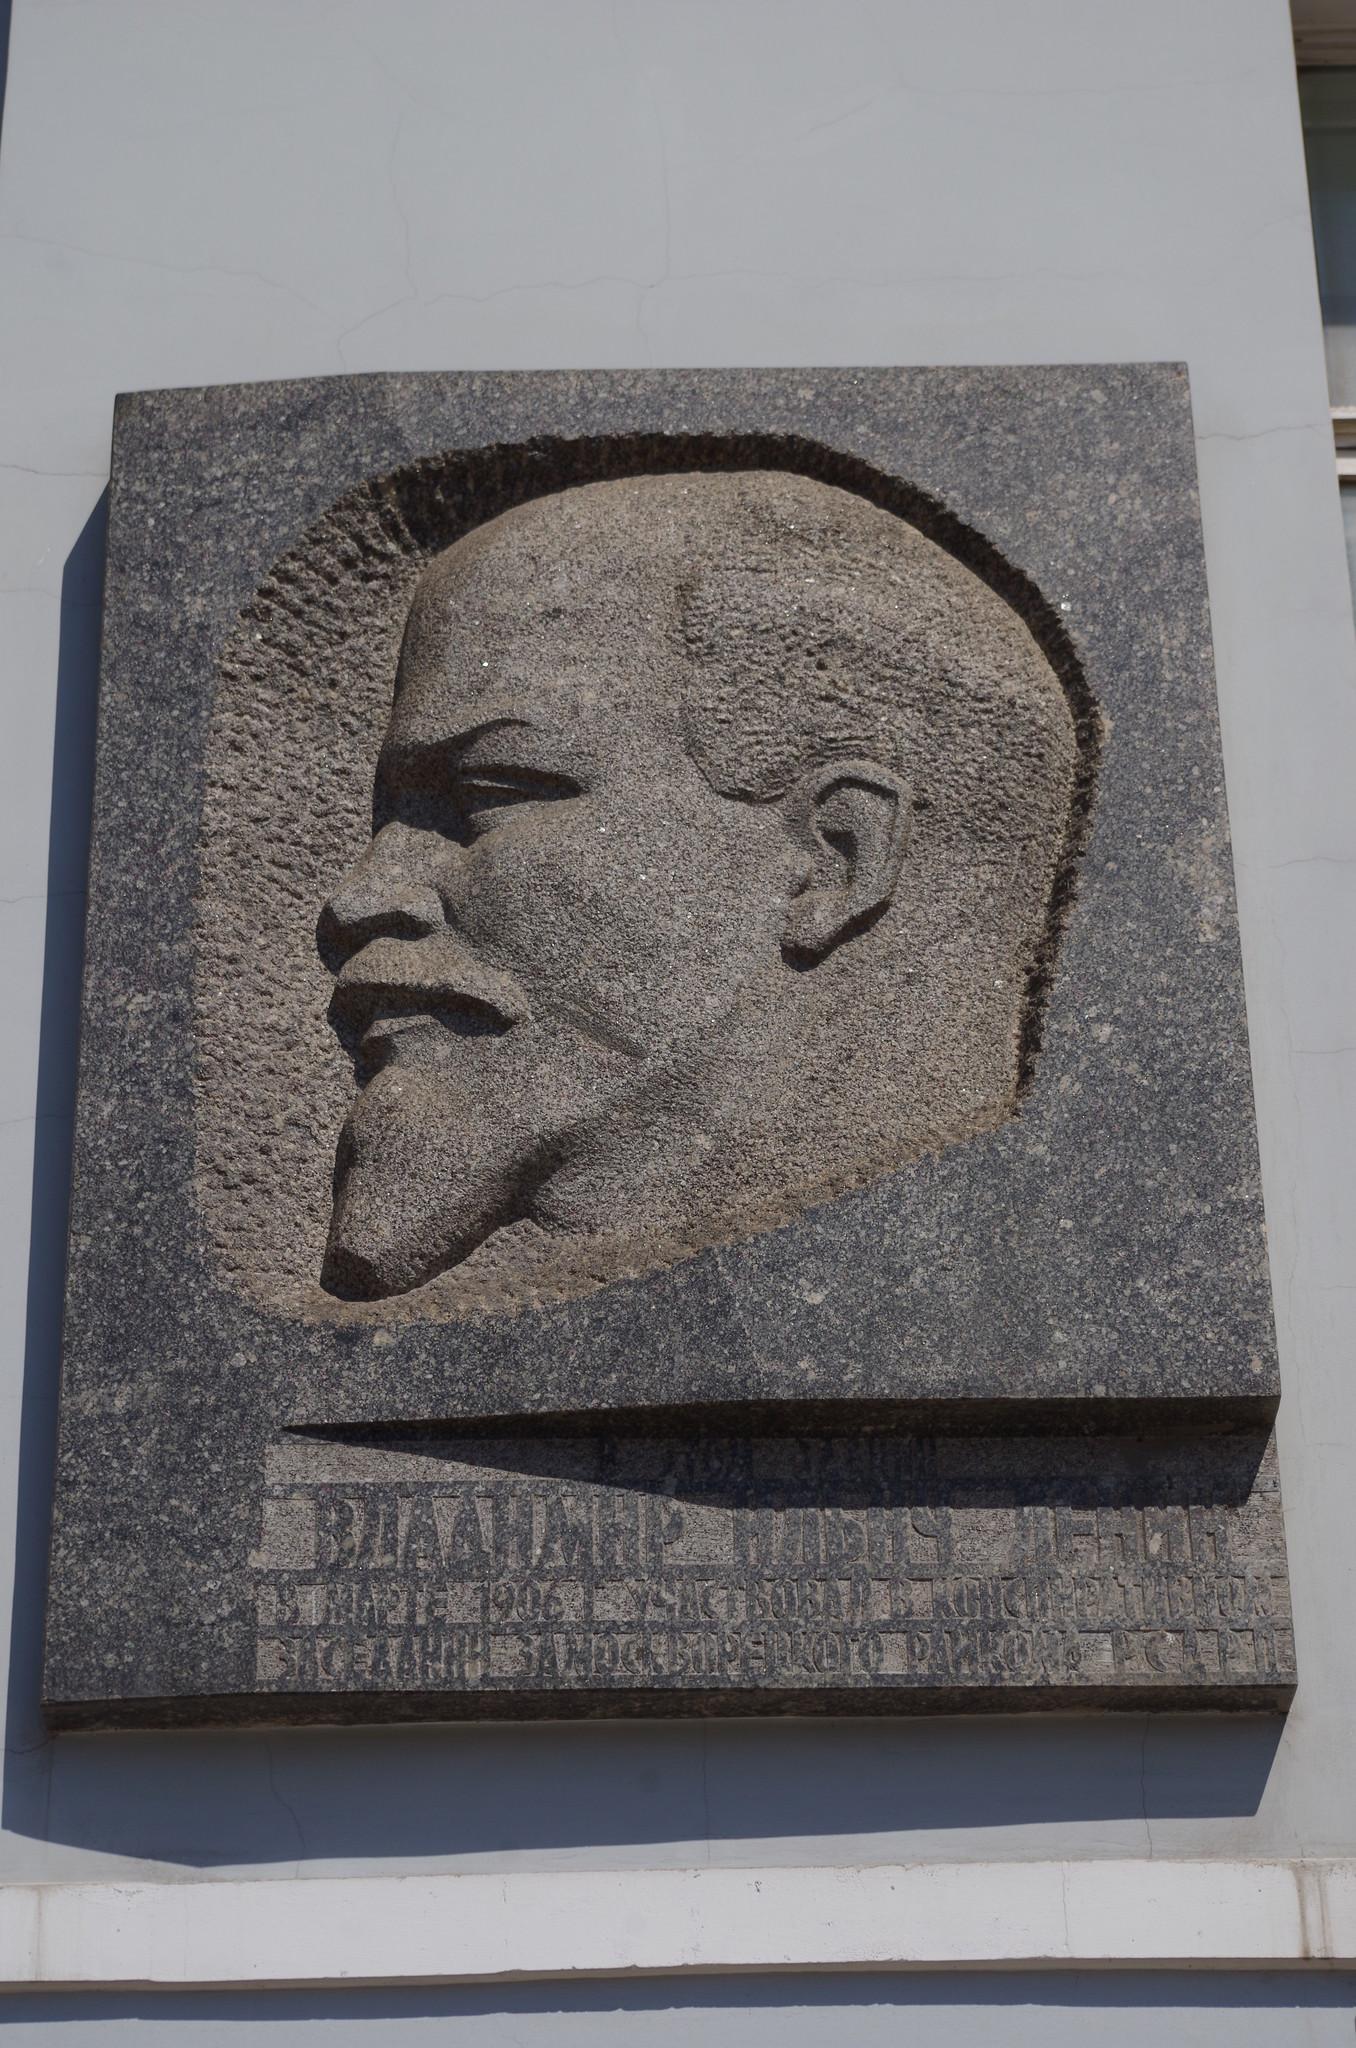 Памятная доска В.И. Ленину на фасаде здания в Москве (Большая Сухаревская площадь, дом 3, строение 2). Надпись гласит: «Владимир Ильич Ленин в марте 1906 г. участвовал в конспиративном заседании Замоскворецкого райкома РСДРП»